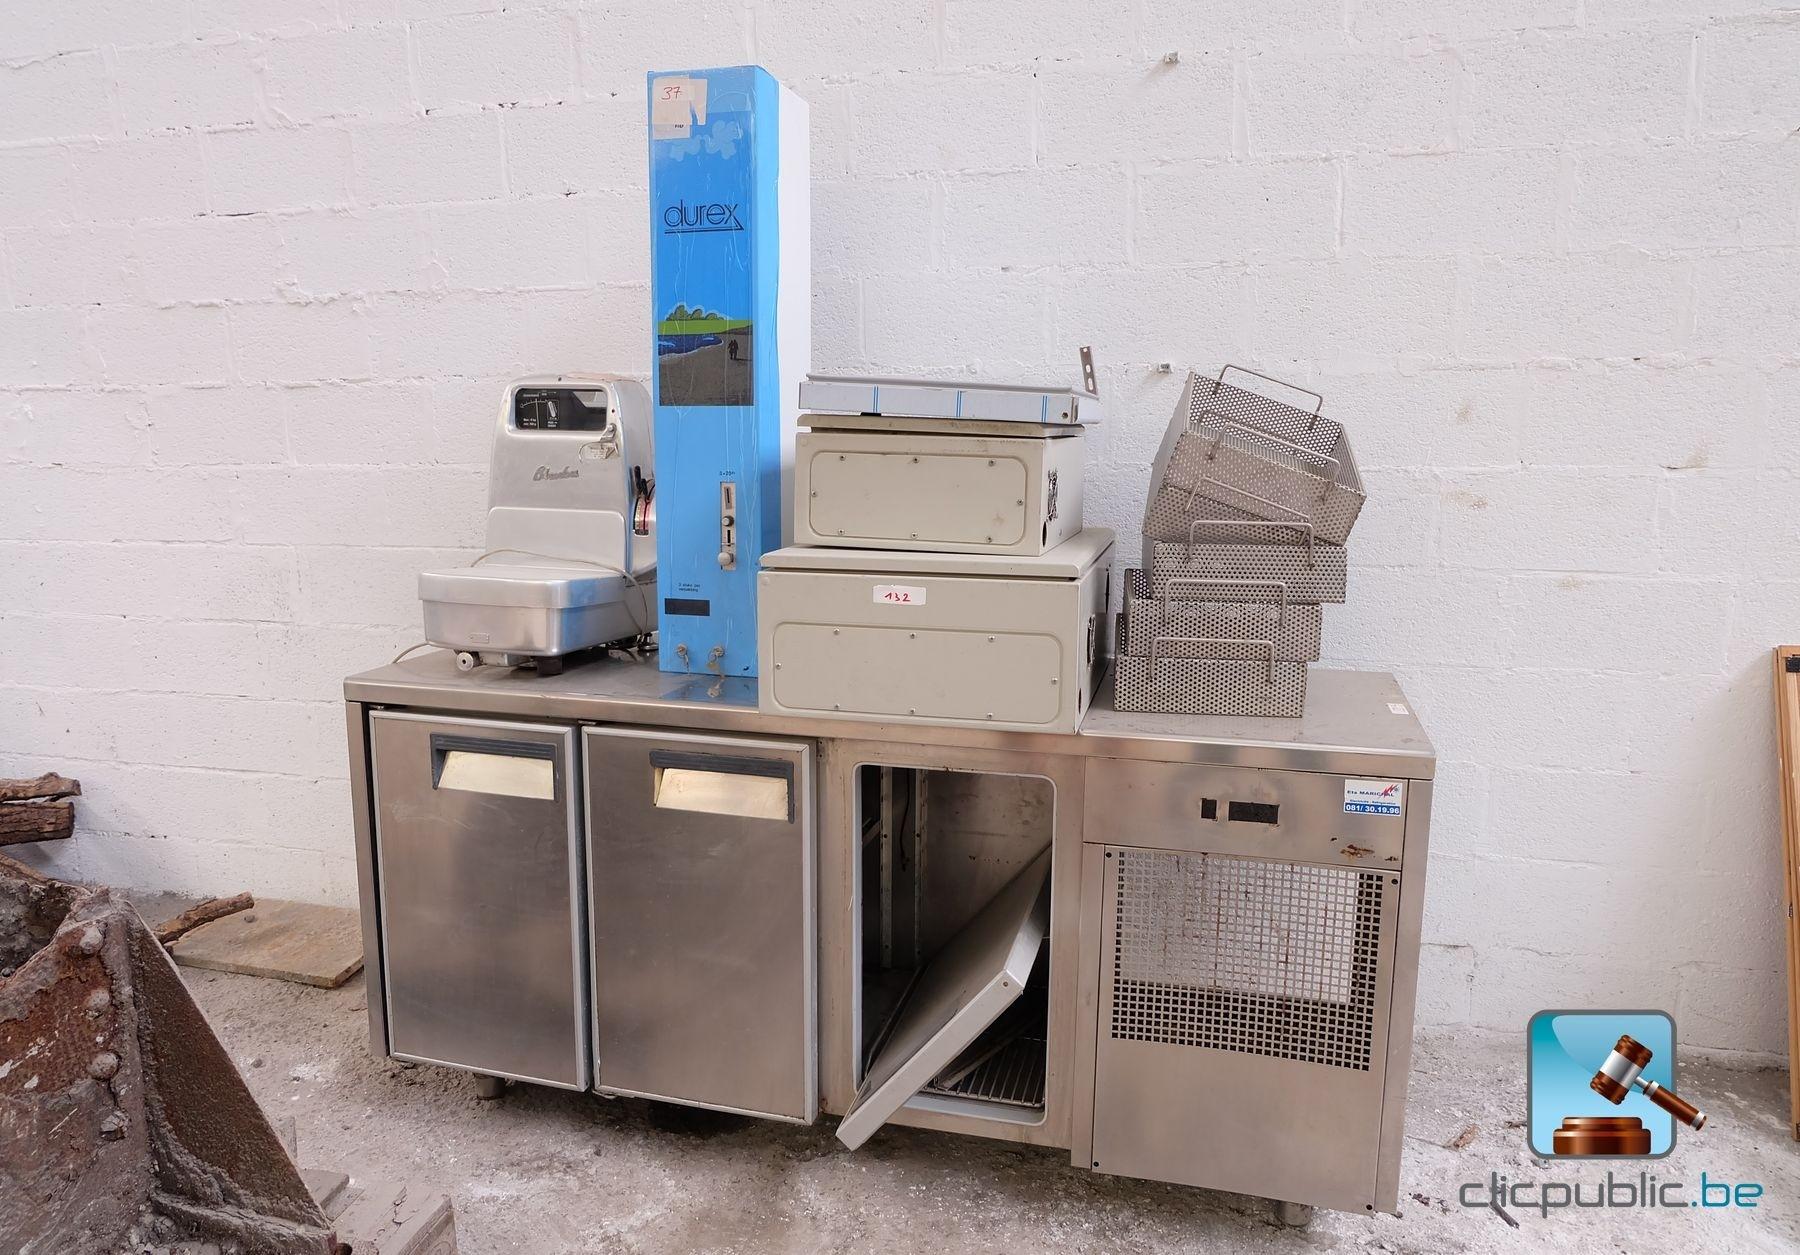 varia horeca distributeur durex meuble frigo sans